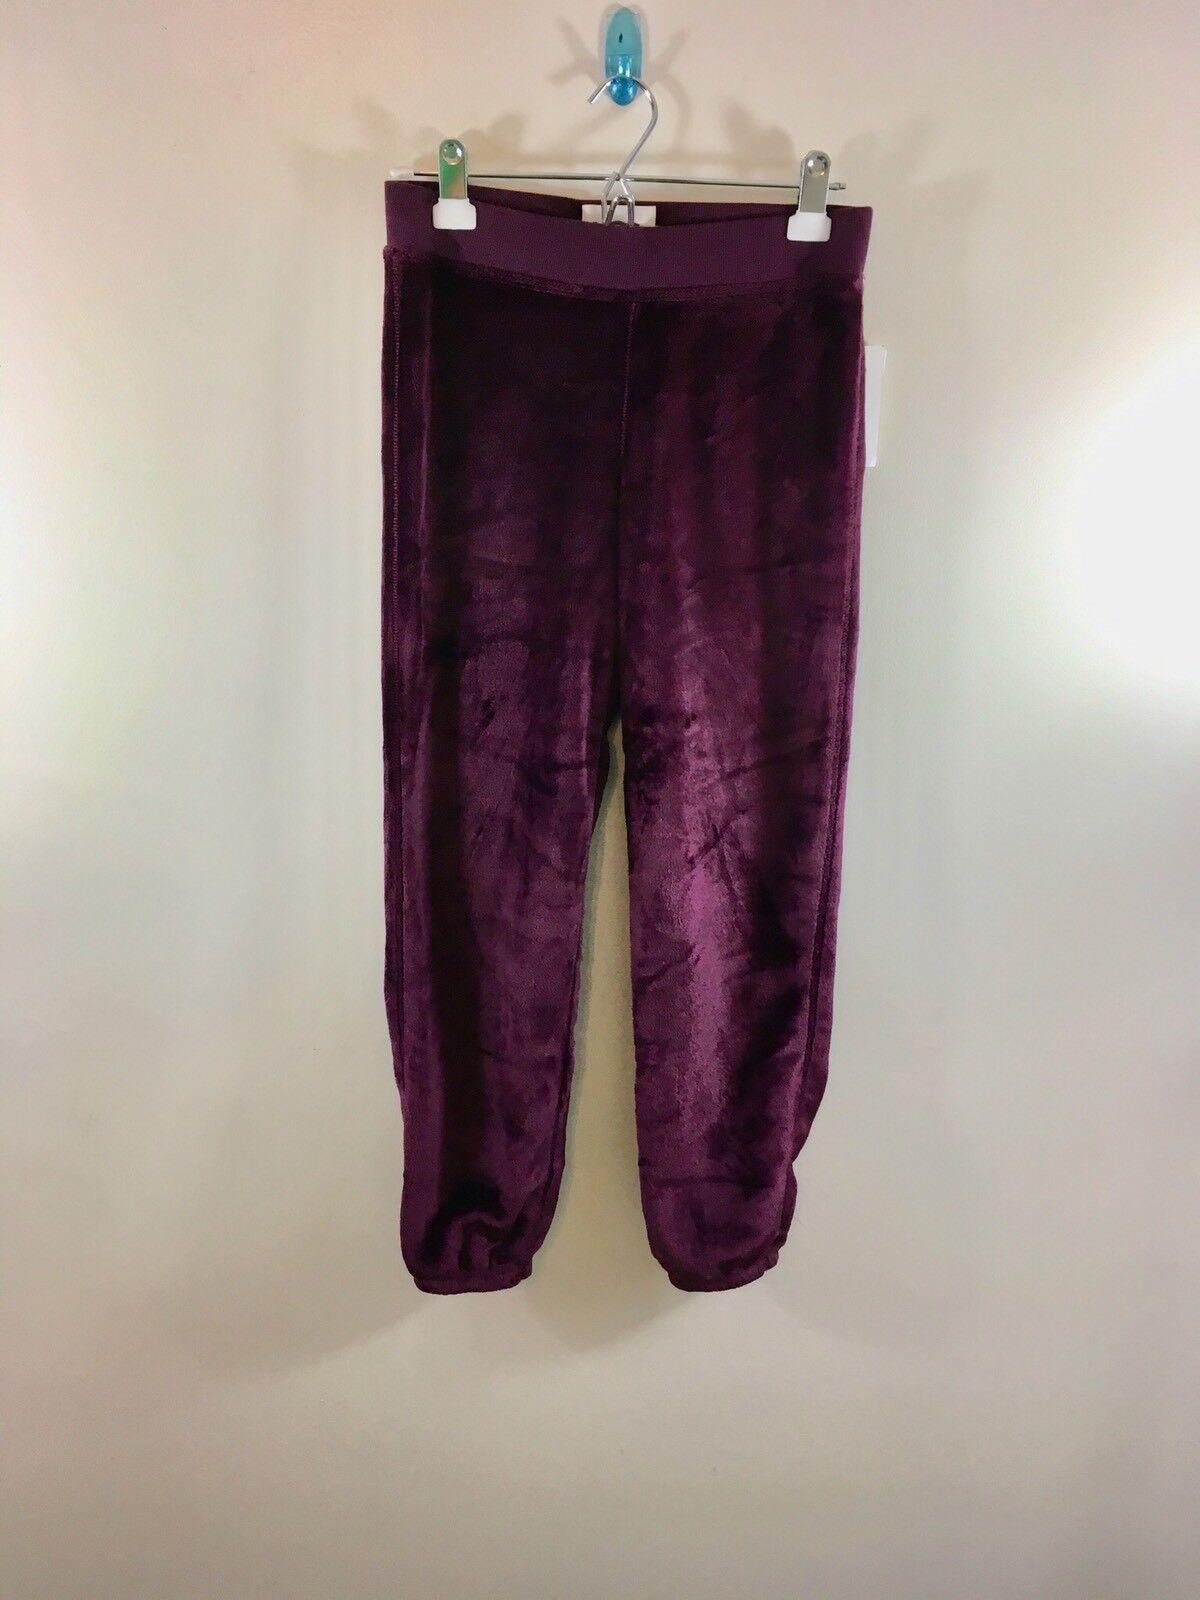 Pantalon de survêtement Ugg Australia Sadie Aster en fleece doux pour femmes, Territoires du Nord-Ouest UA5419W